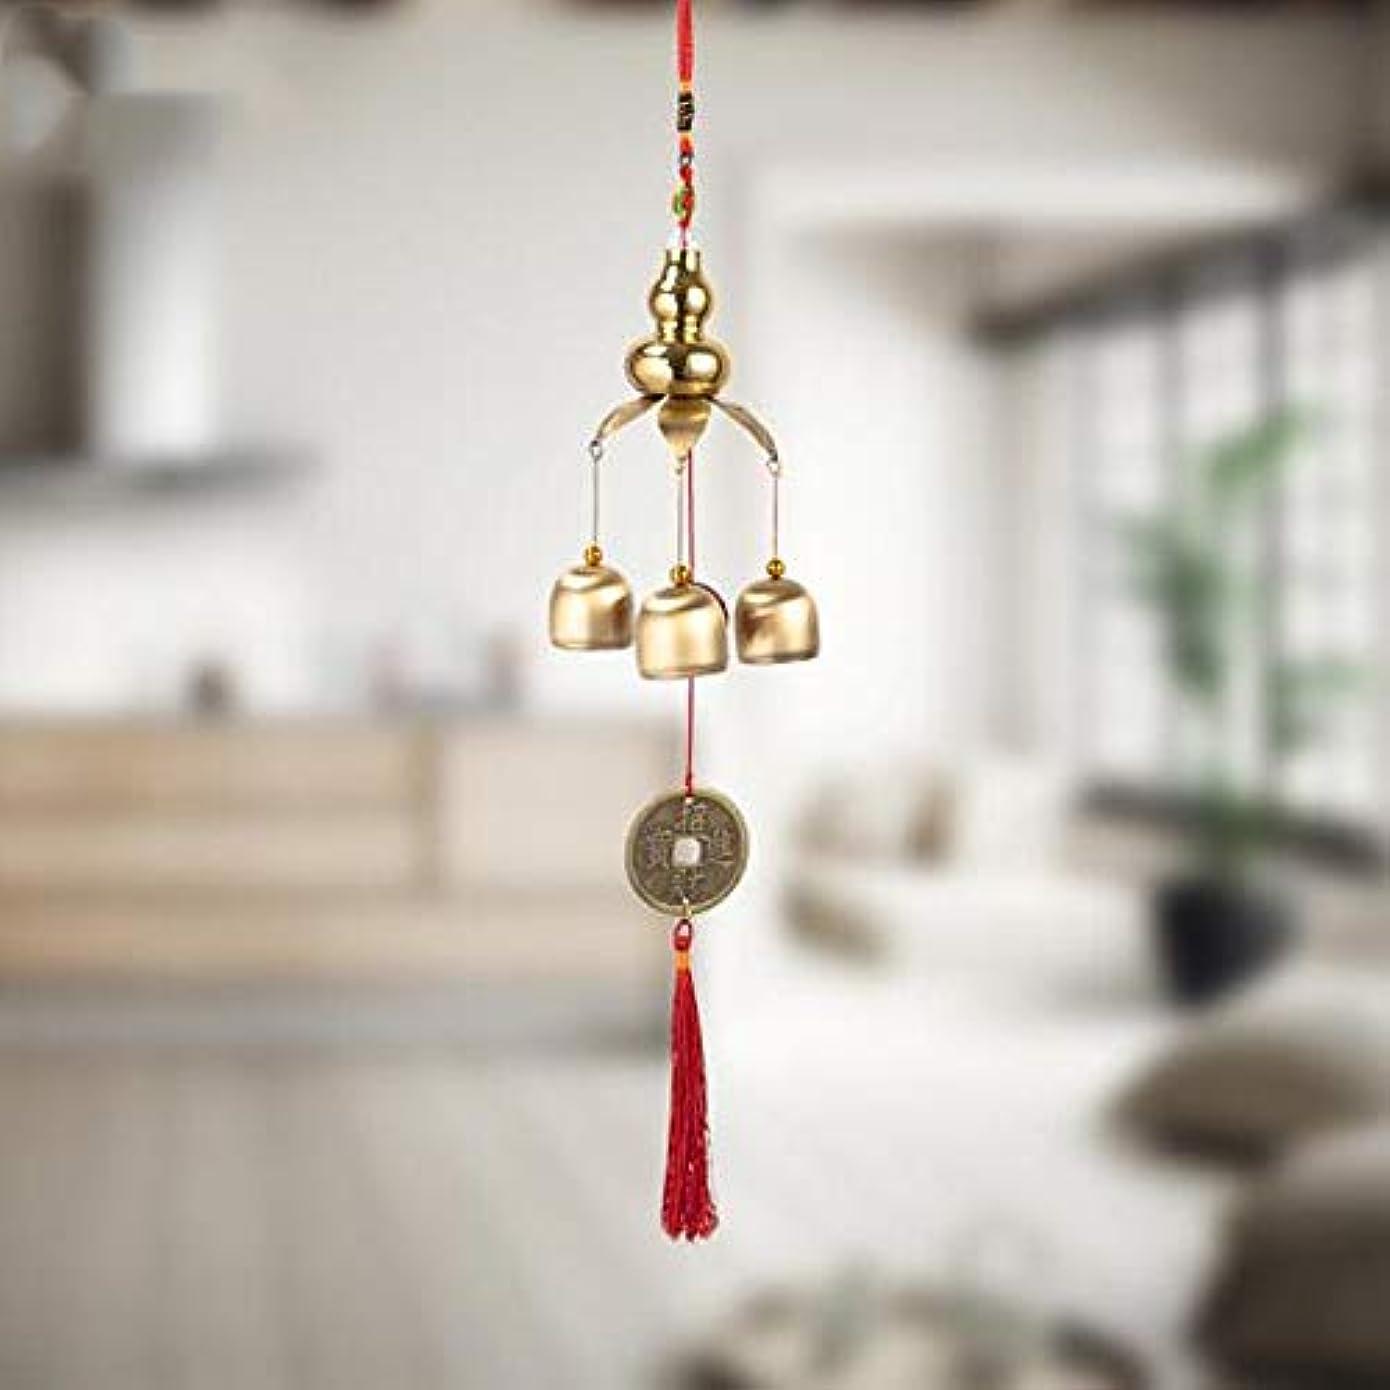 アリーナ出会いエージェントKaiyitong01 風チャイム、クリエイティブ?銅ひょうたんホームデコレーション風チャイム、ゴールド、約45CMの長さの合計,絶妙なファッション (Color : A)